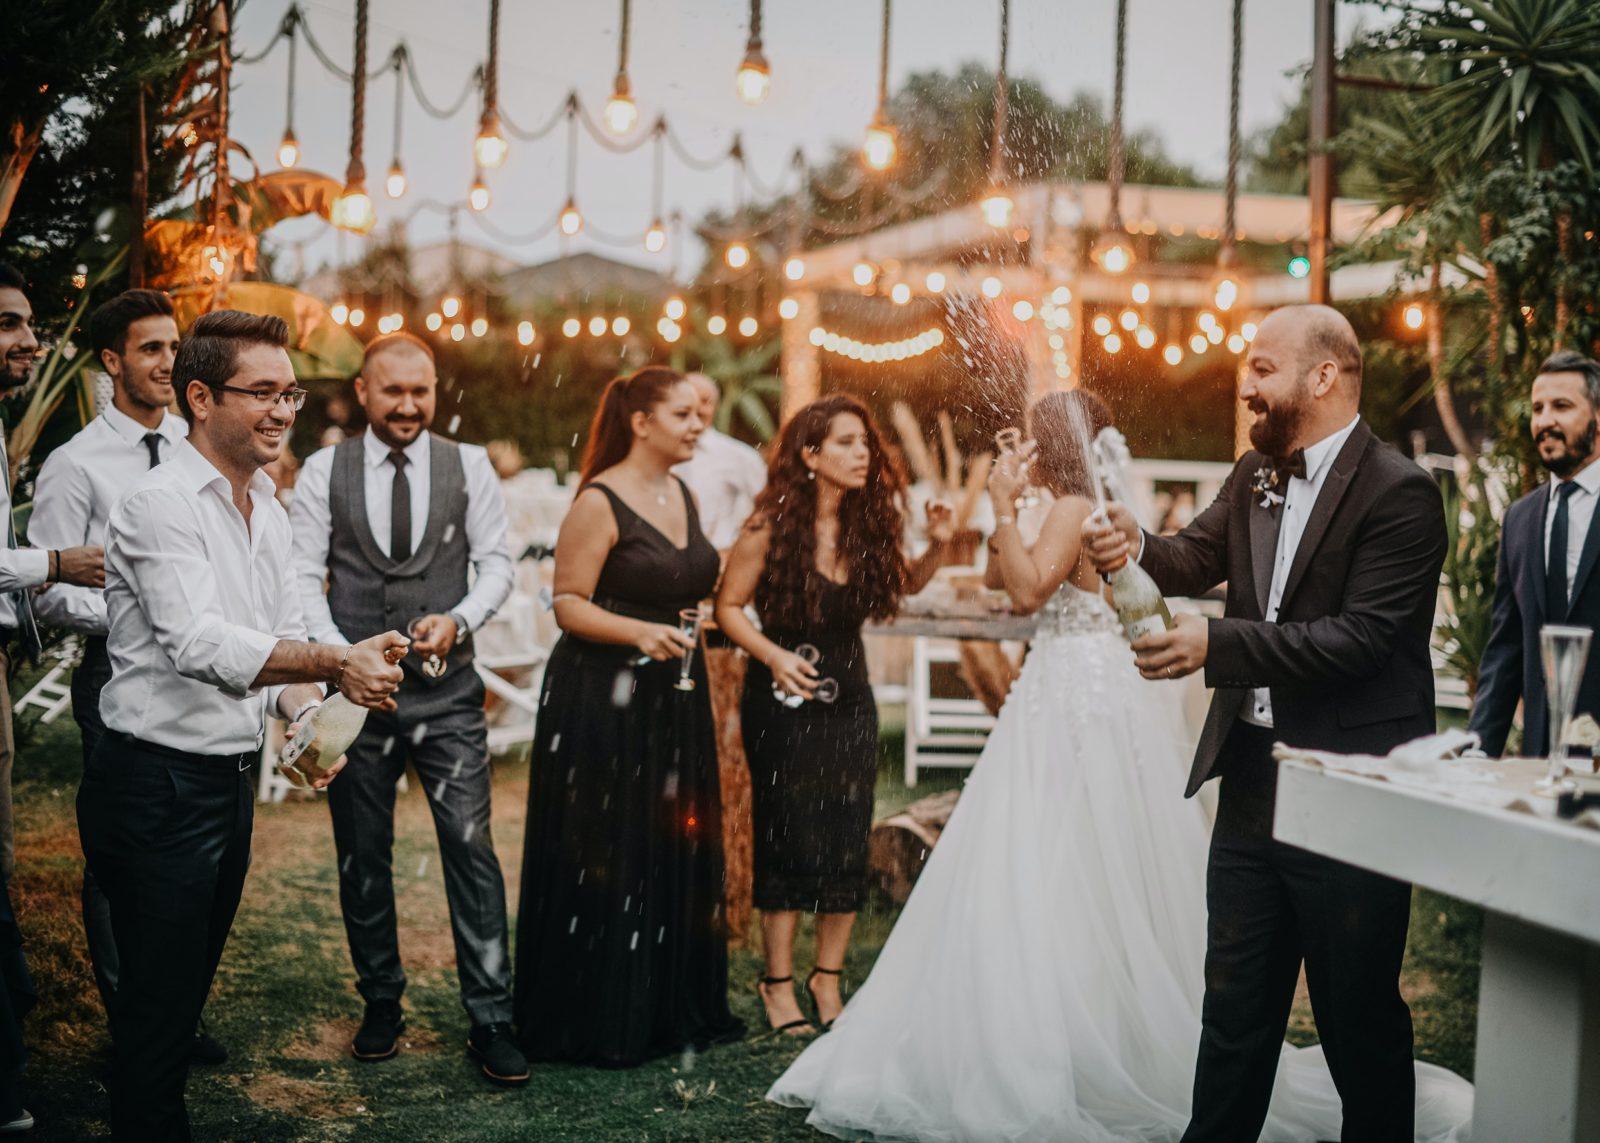 свадьба, шампанское, невеста, как выбрать тамаду